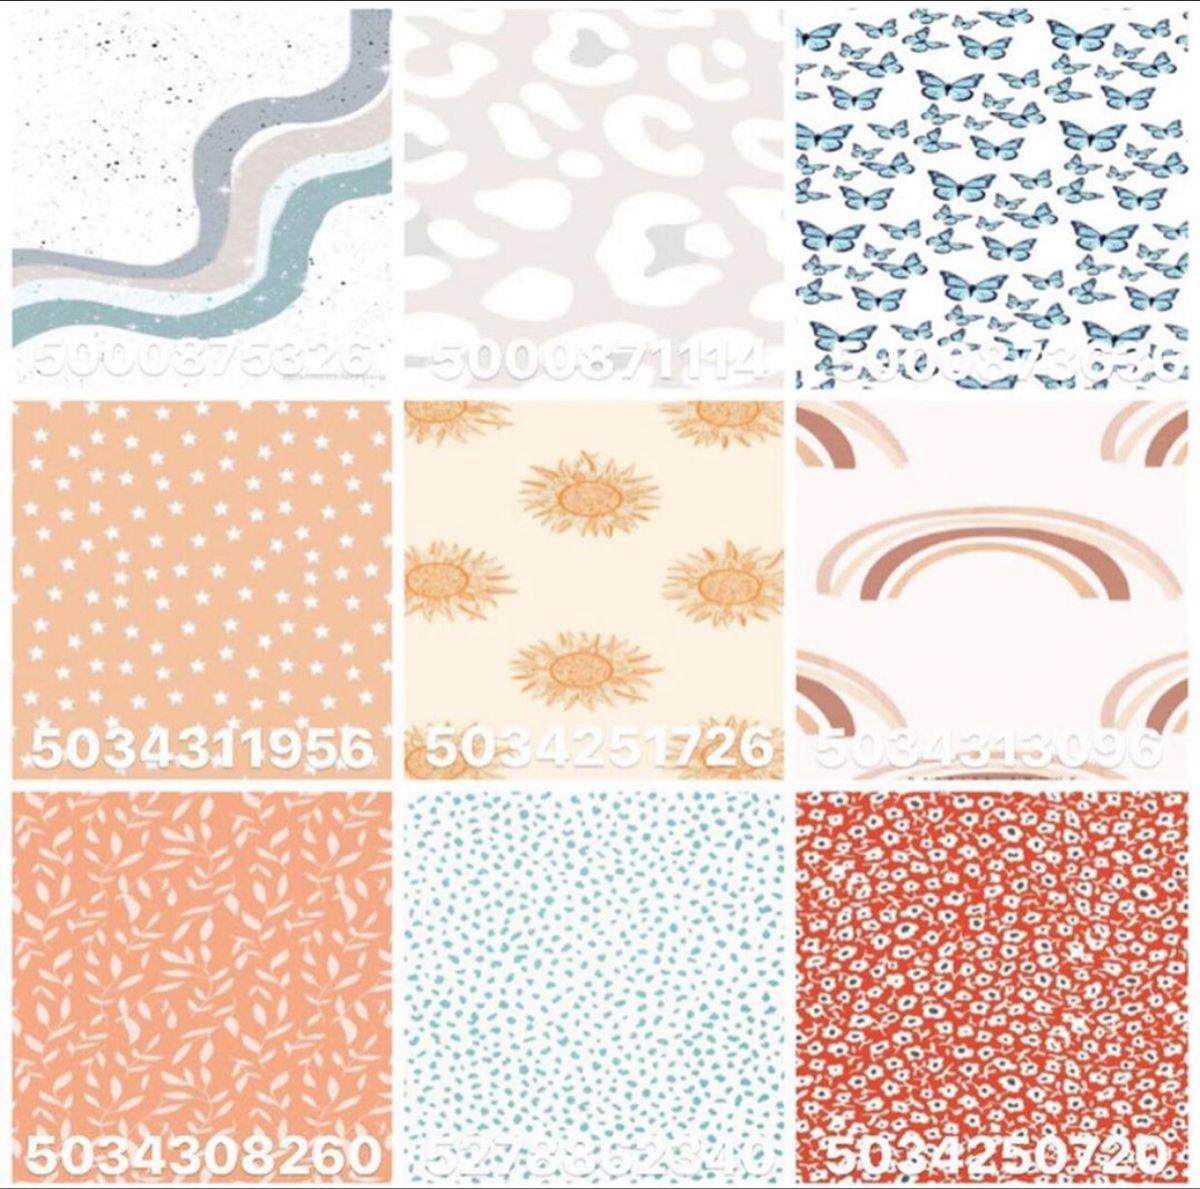 Cute Wallpaper S Decal Design Custom Decals Room Decals